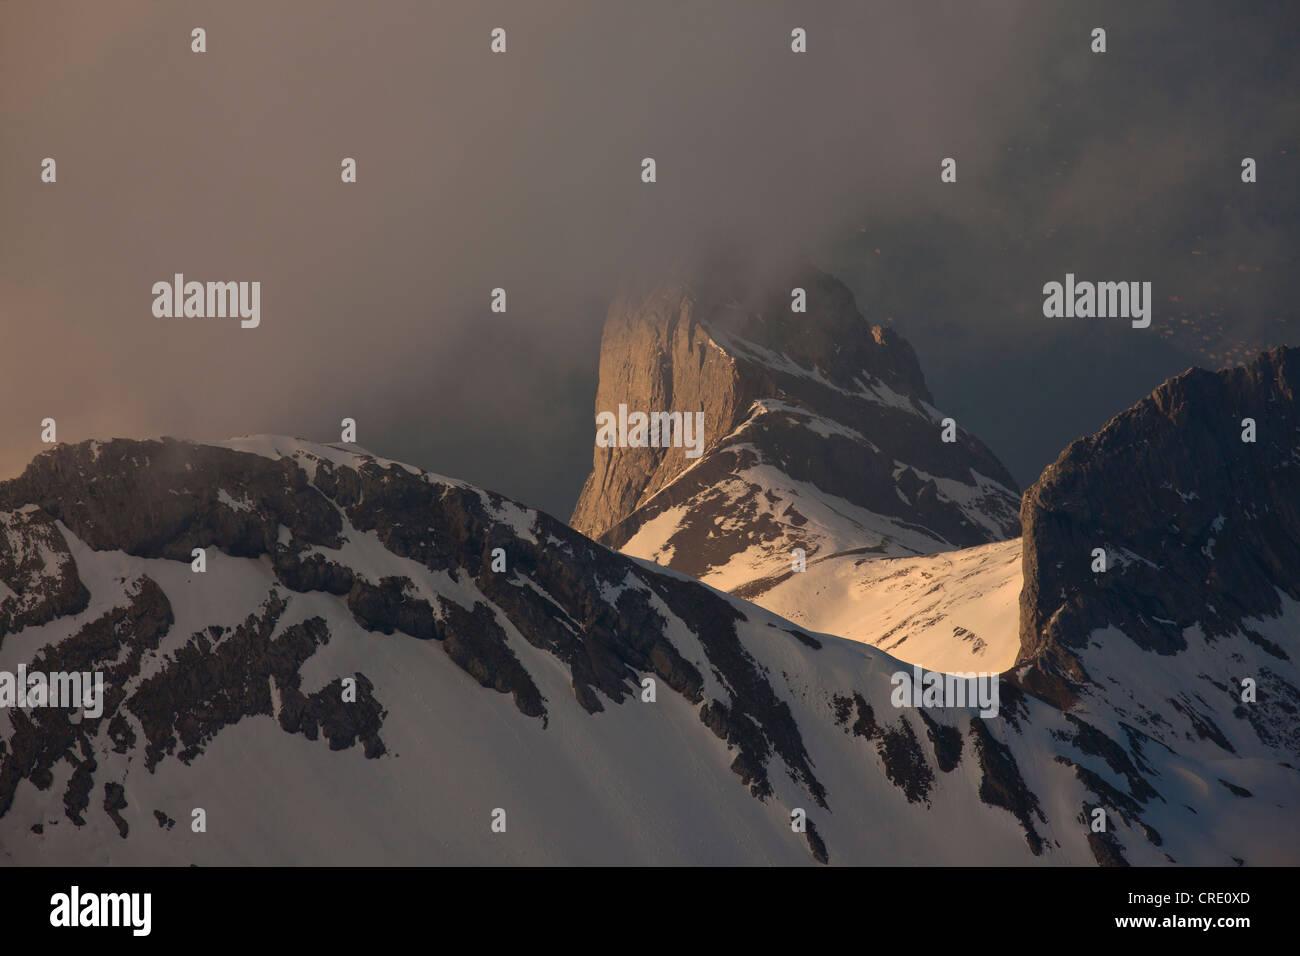 Abend in den Bergen Alpsteingebirge, Blick vom Mt. Säntis mit Mt. Altmann, Appenzellerland, Alpen, Schweiz, Stockbild